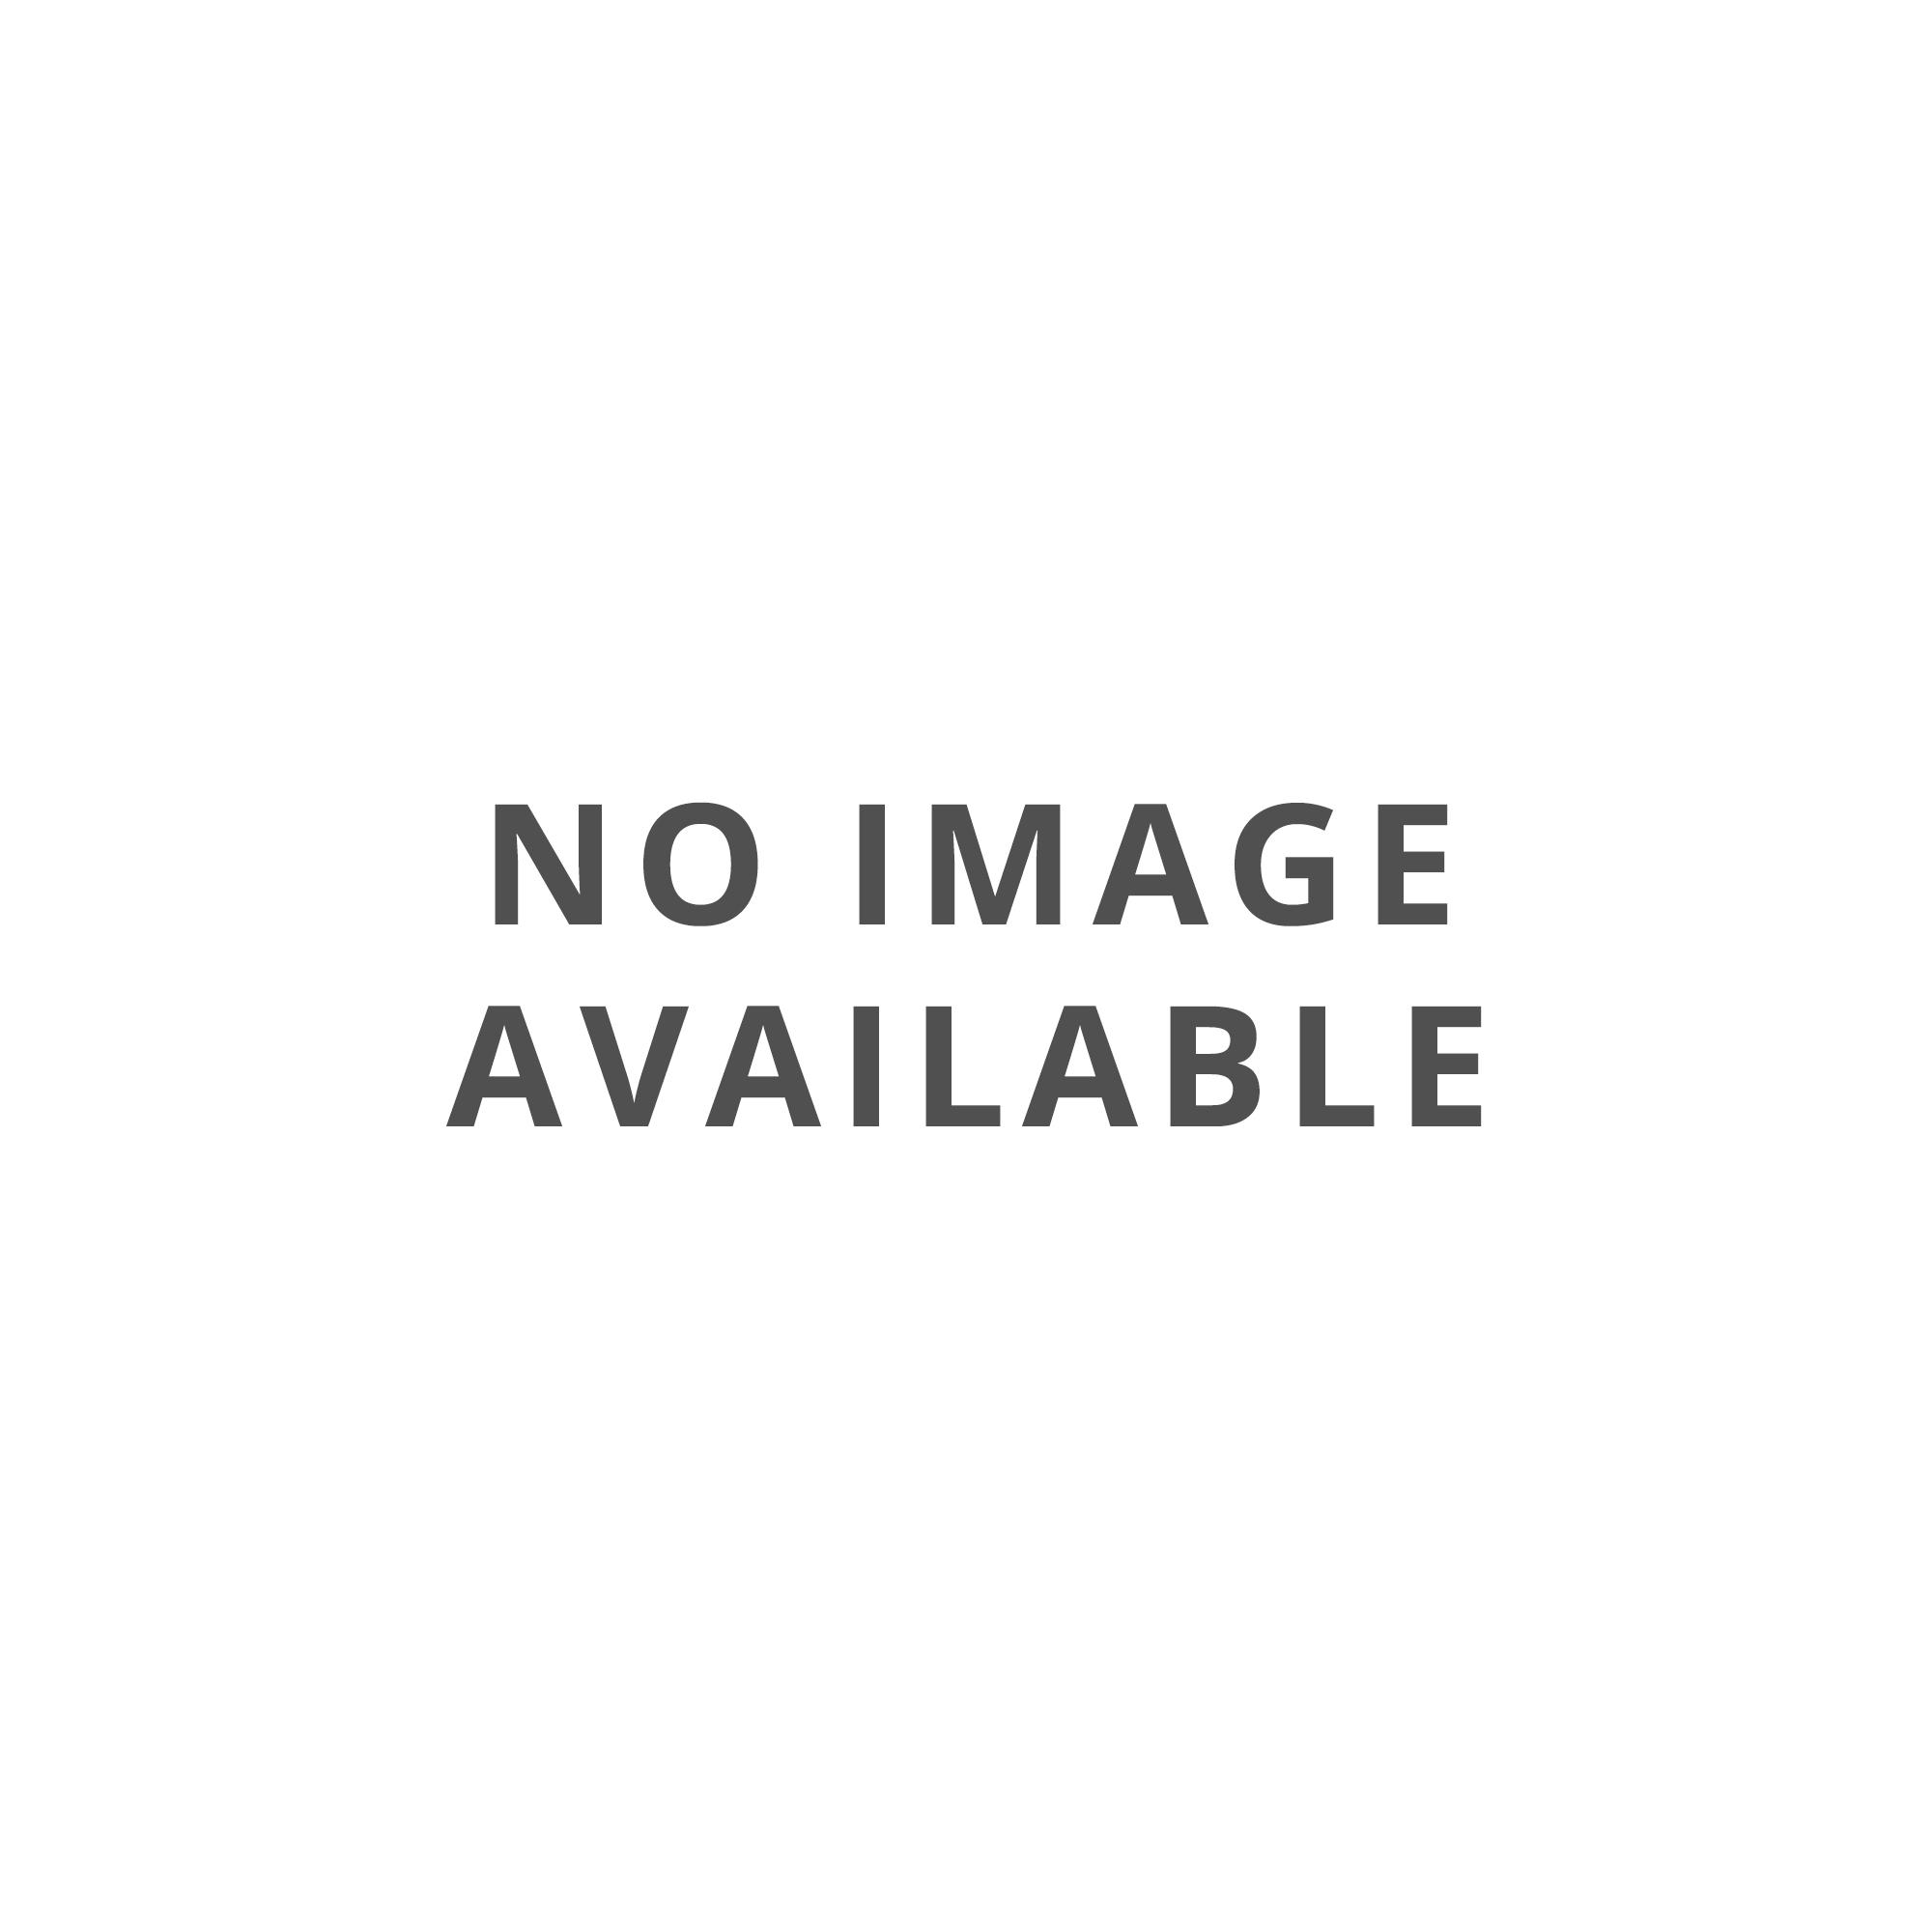 Home ? CDA ? CDA Stainless Steel Round Drainer Kitchen Sink KR20SS